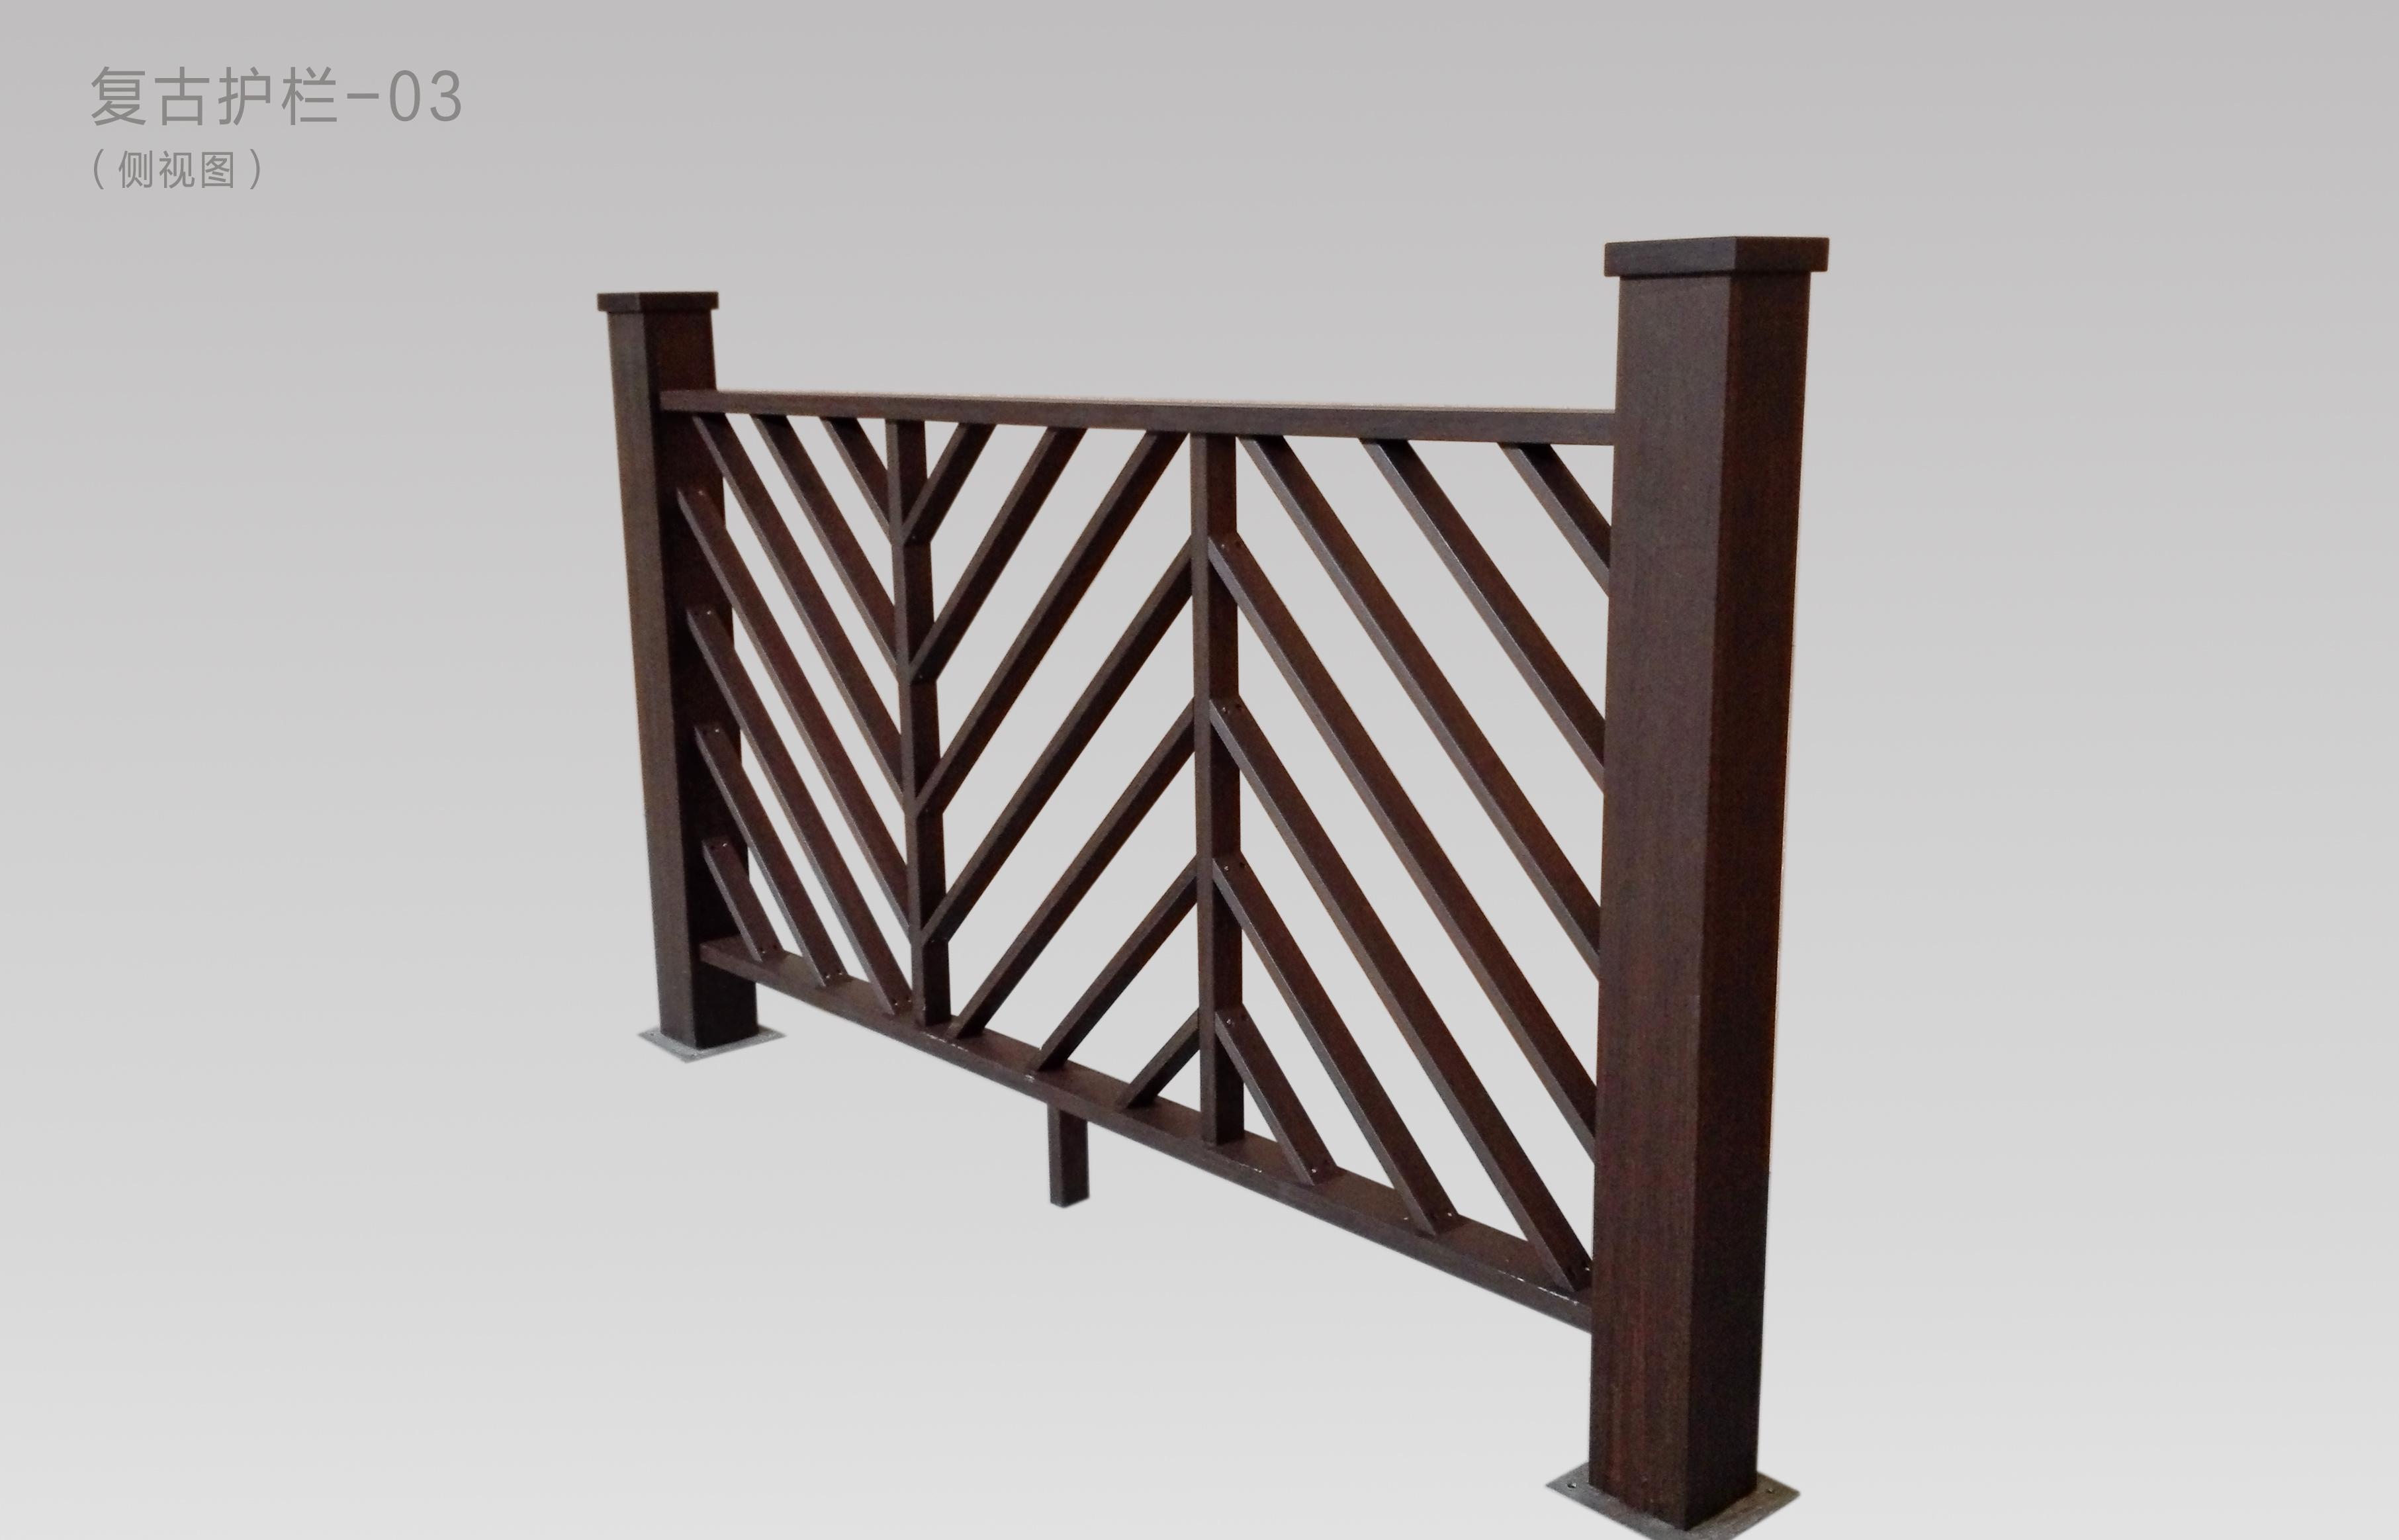 复古护栏—03-侧视